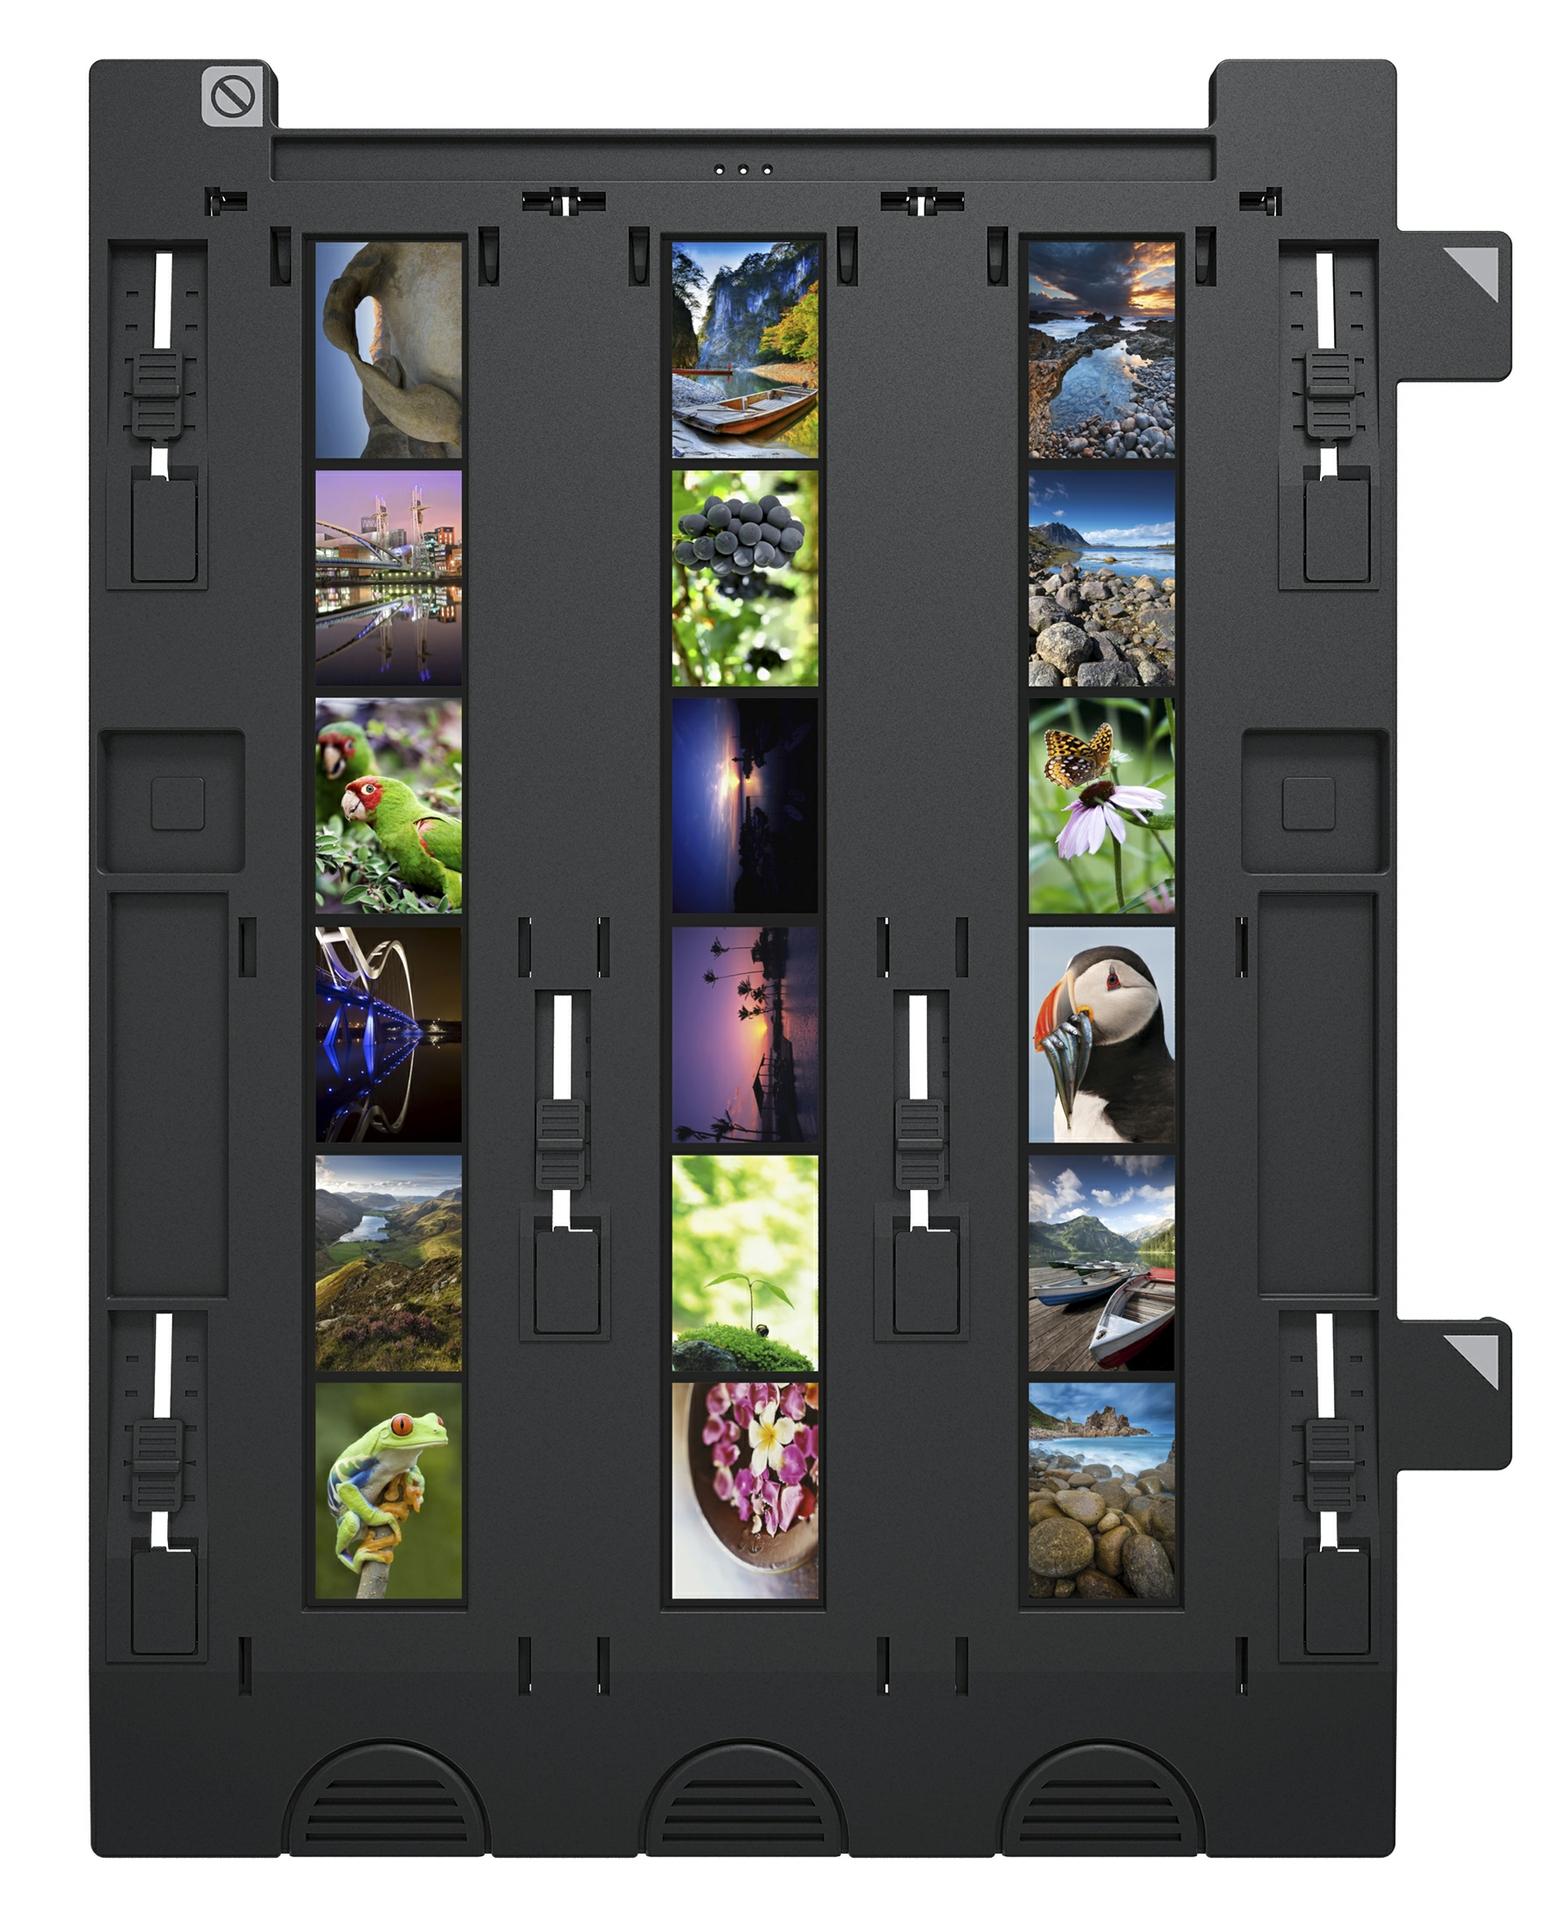 Epson Perf V800 Series_Slides 1